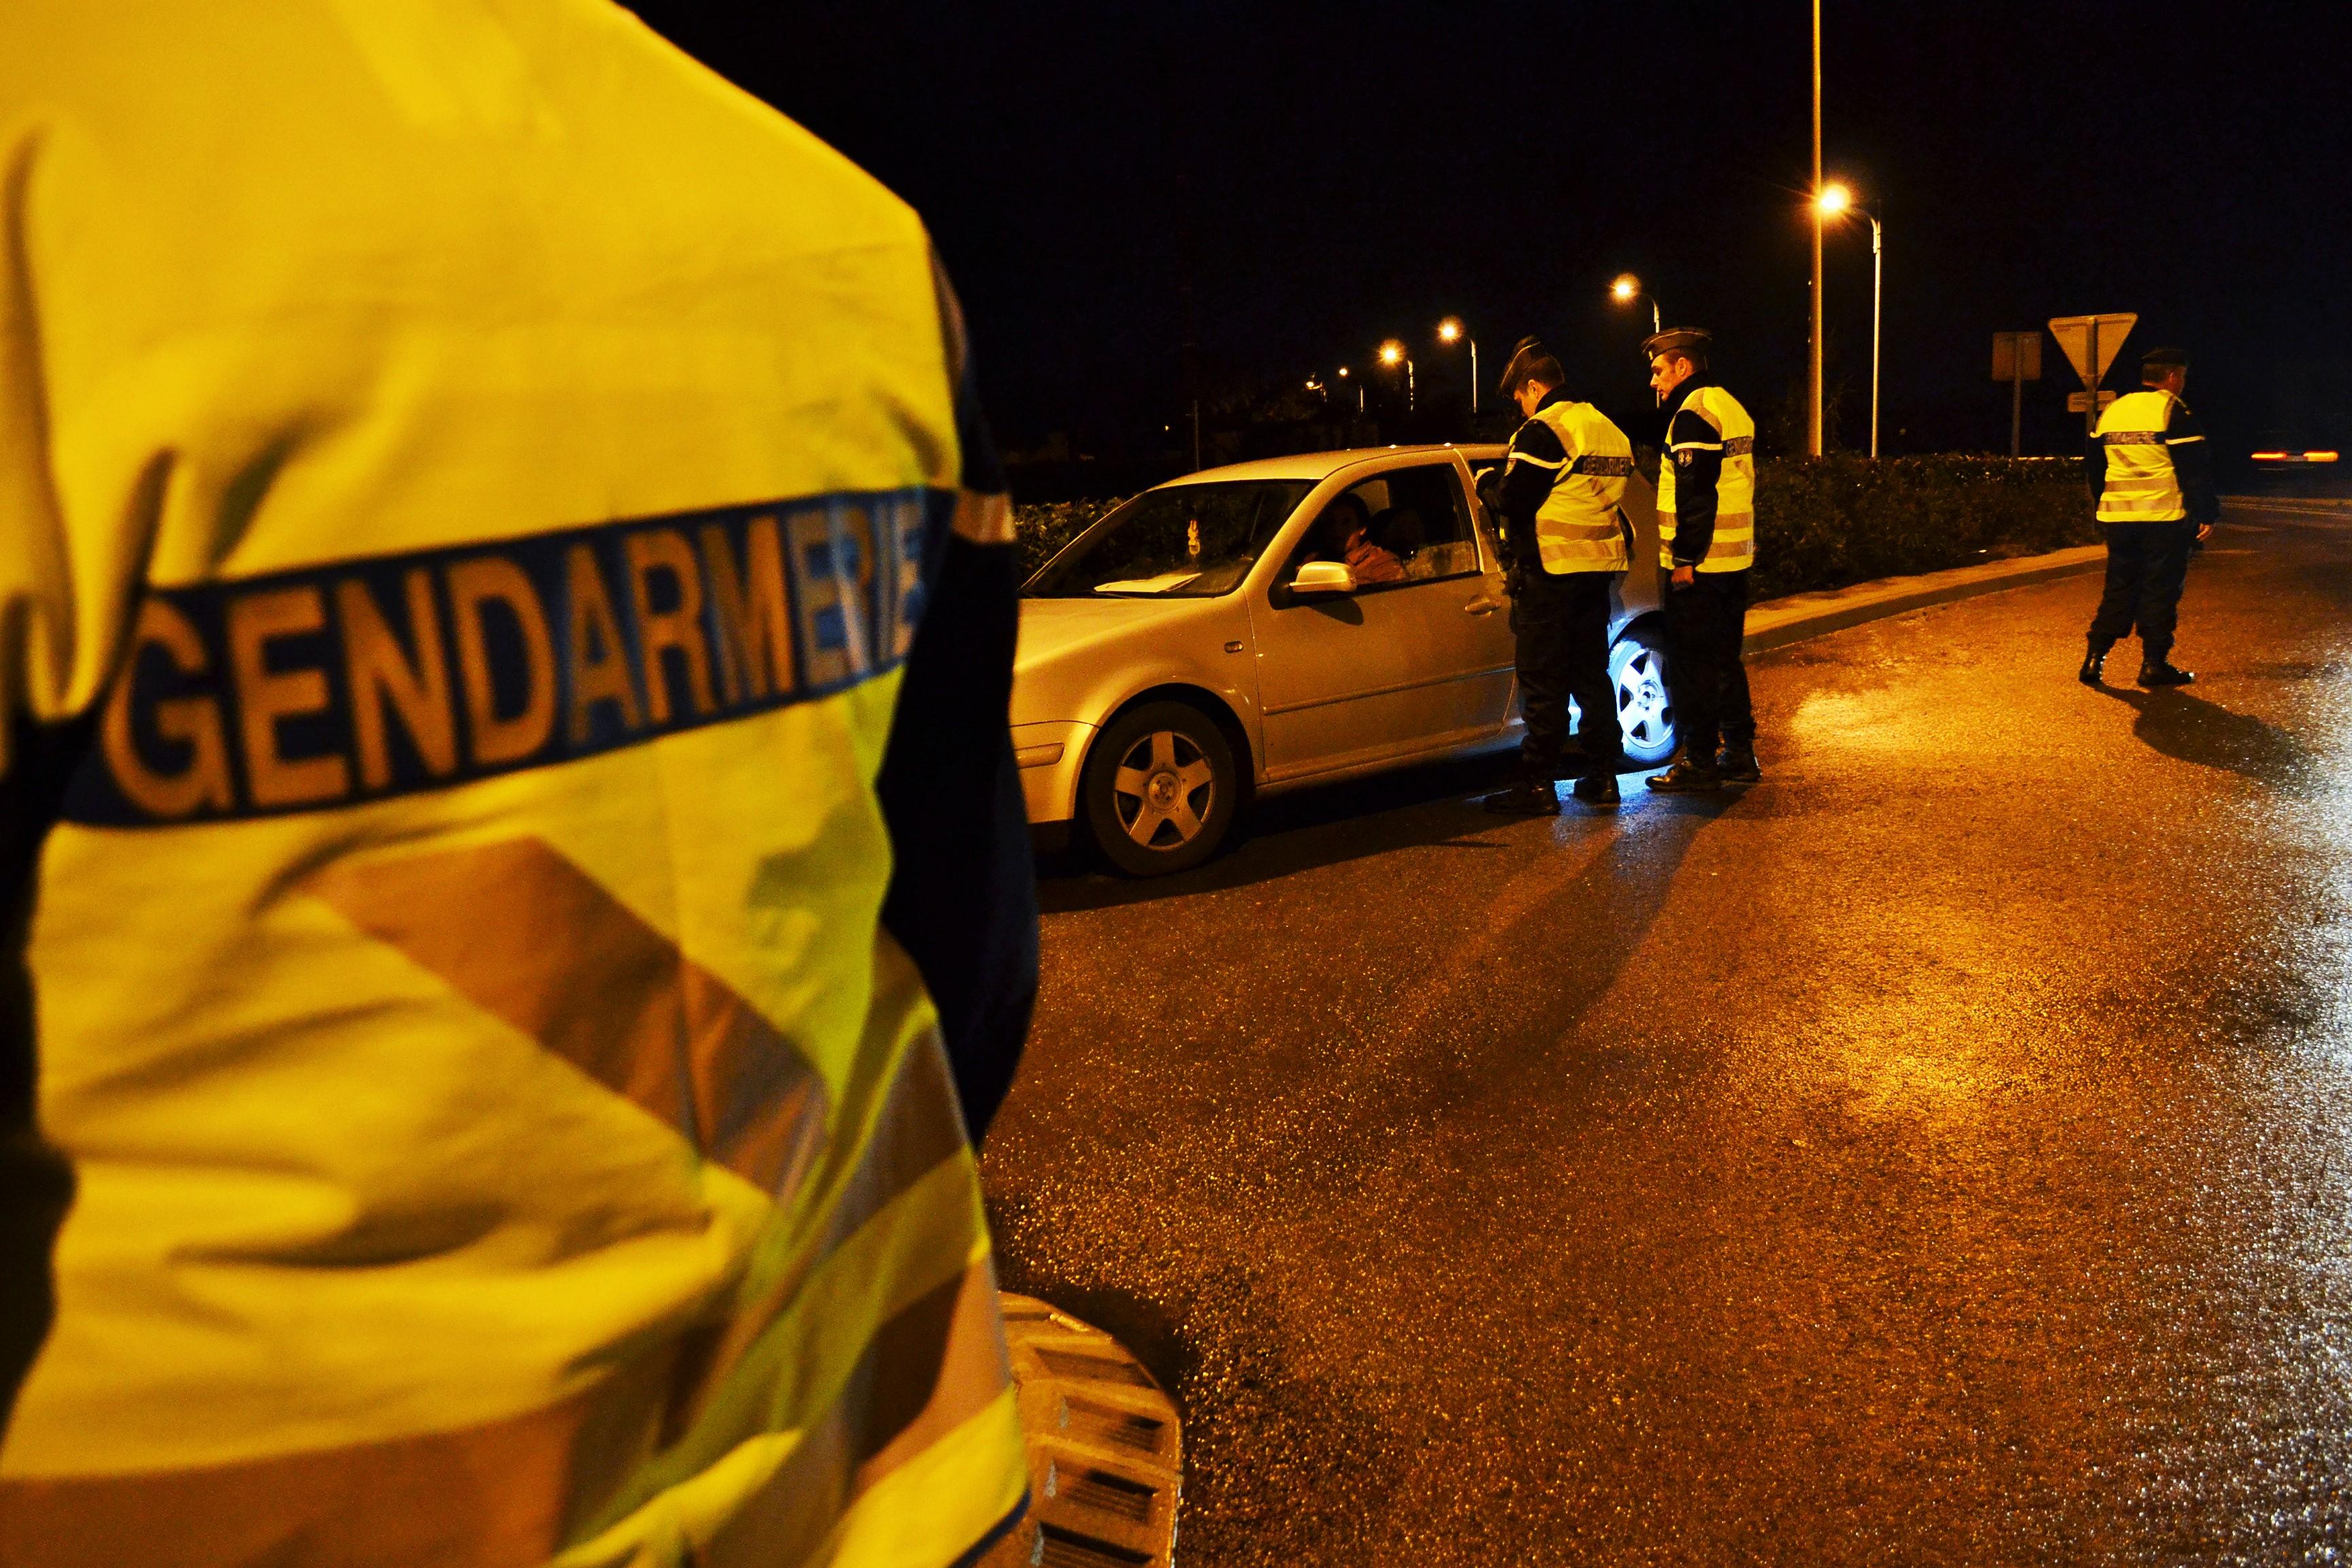 Contrôle de gendarmerie (Photo d'illustration @DR)